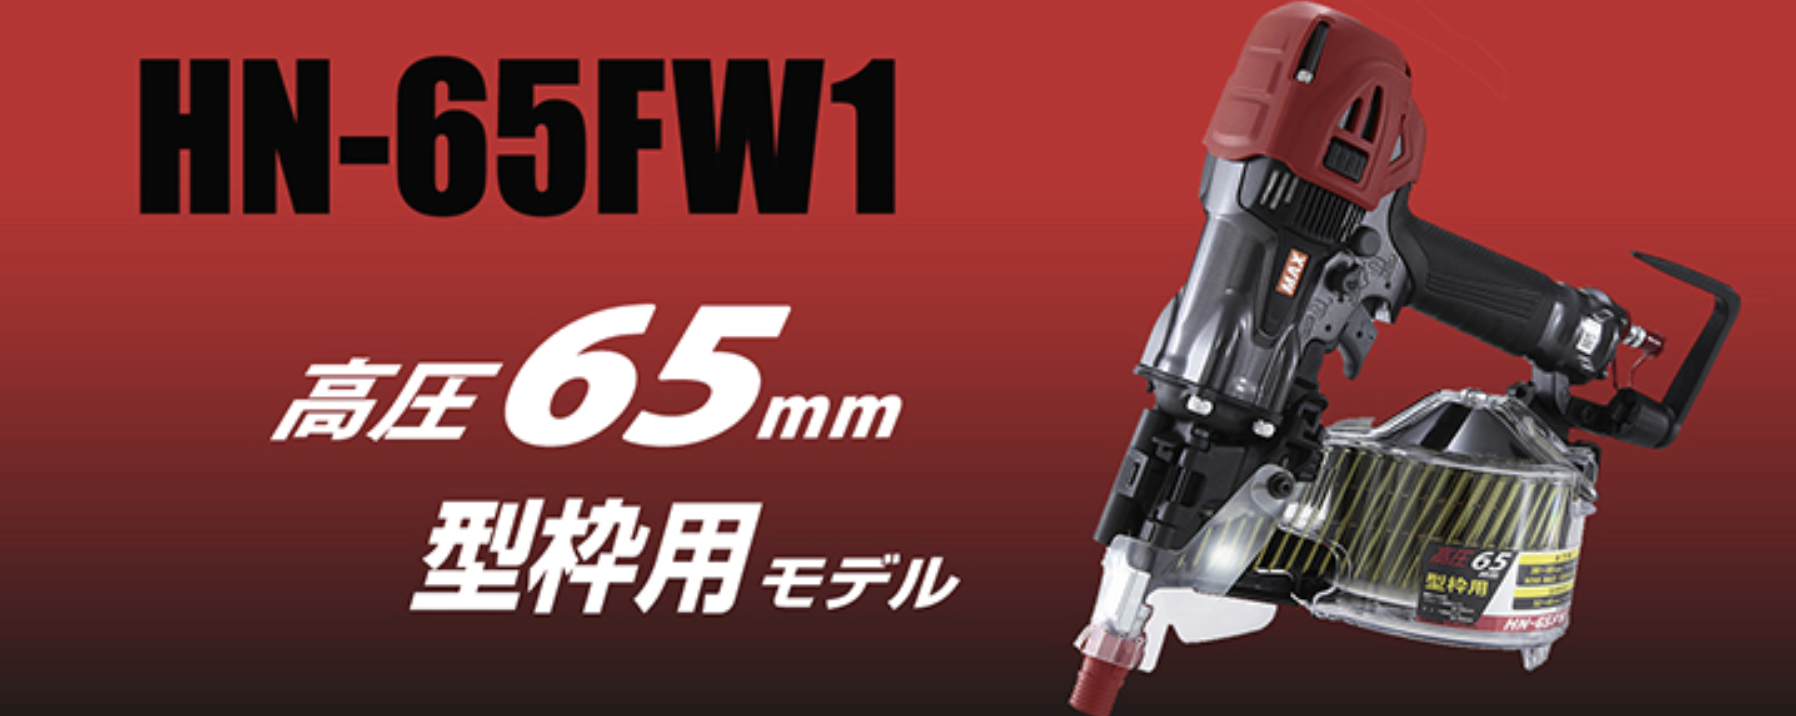 【マックス】思い通りに浮かせる!釘打機『HN-65FW1』の画像